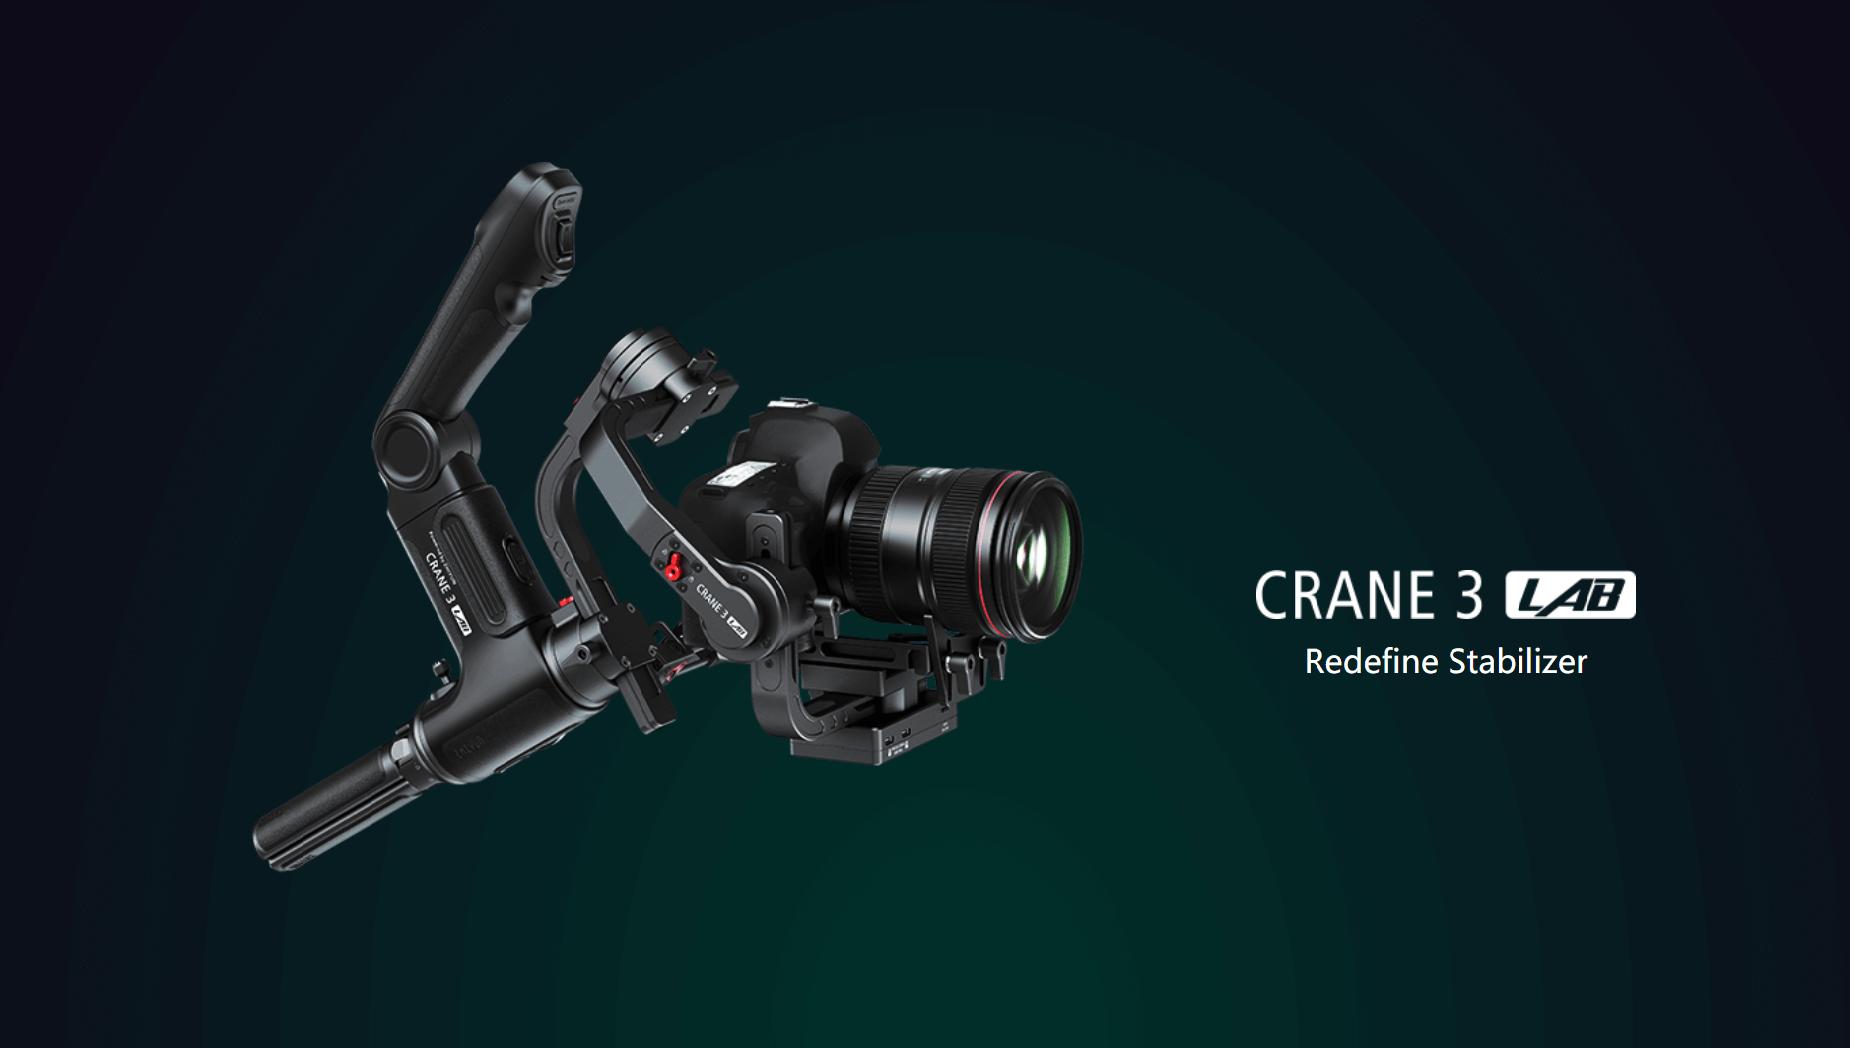 Gimbal Zhiyun Crane 3 LAB: Um Estabilizador, Diversas Possibilidades